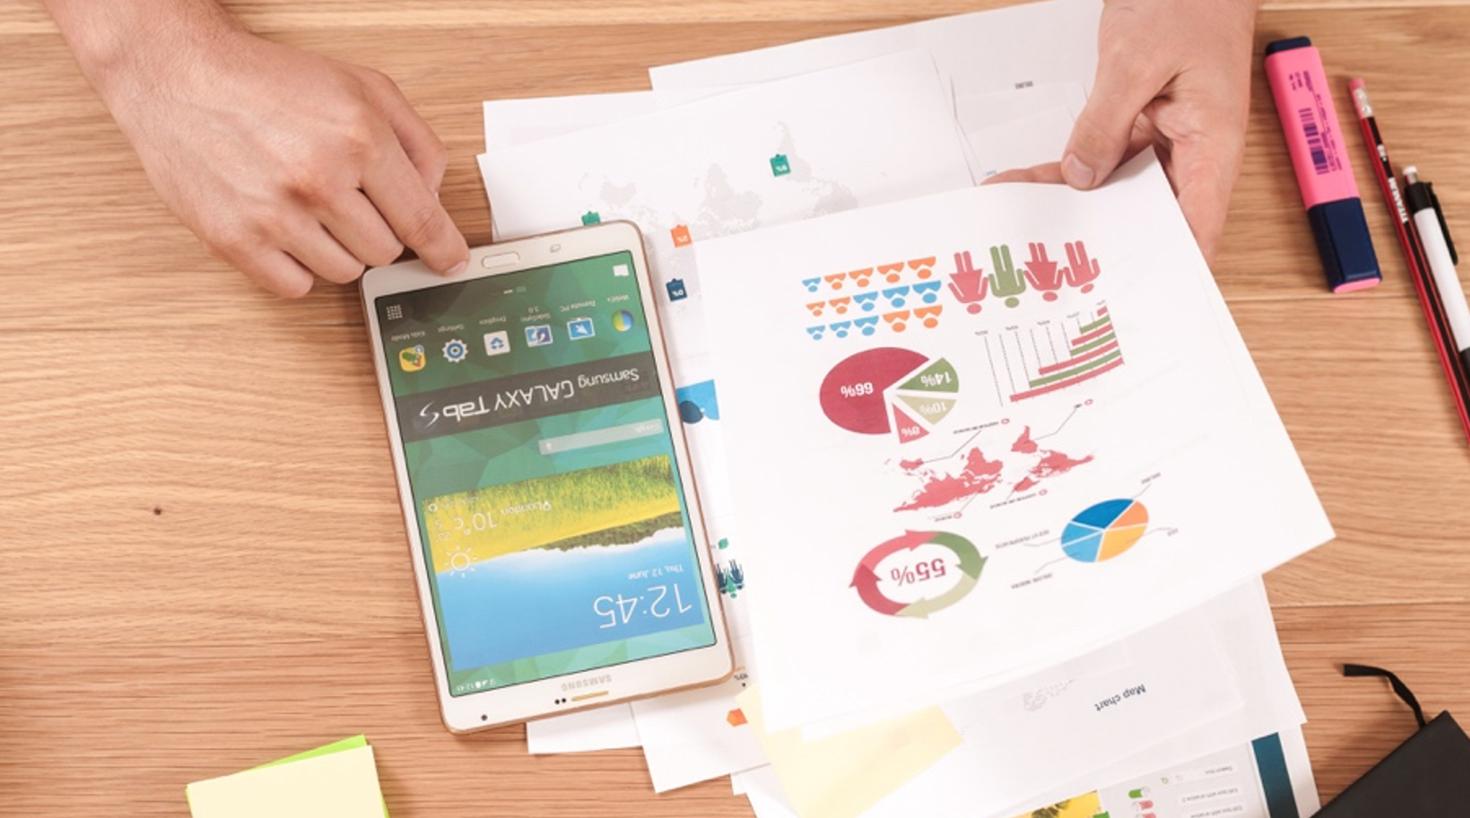 Person tar i bruk både telefon og ulike utskrevet data for å skaffe seg oversikt over hvilke KPI-er som er viktige for å forbedre kundeopplevelsen i bedriften